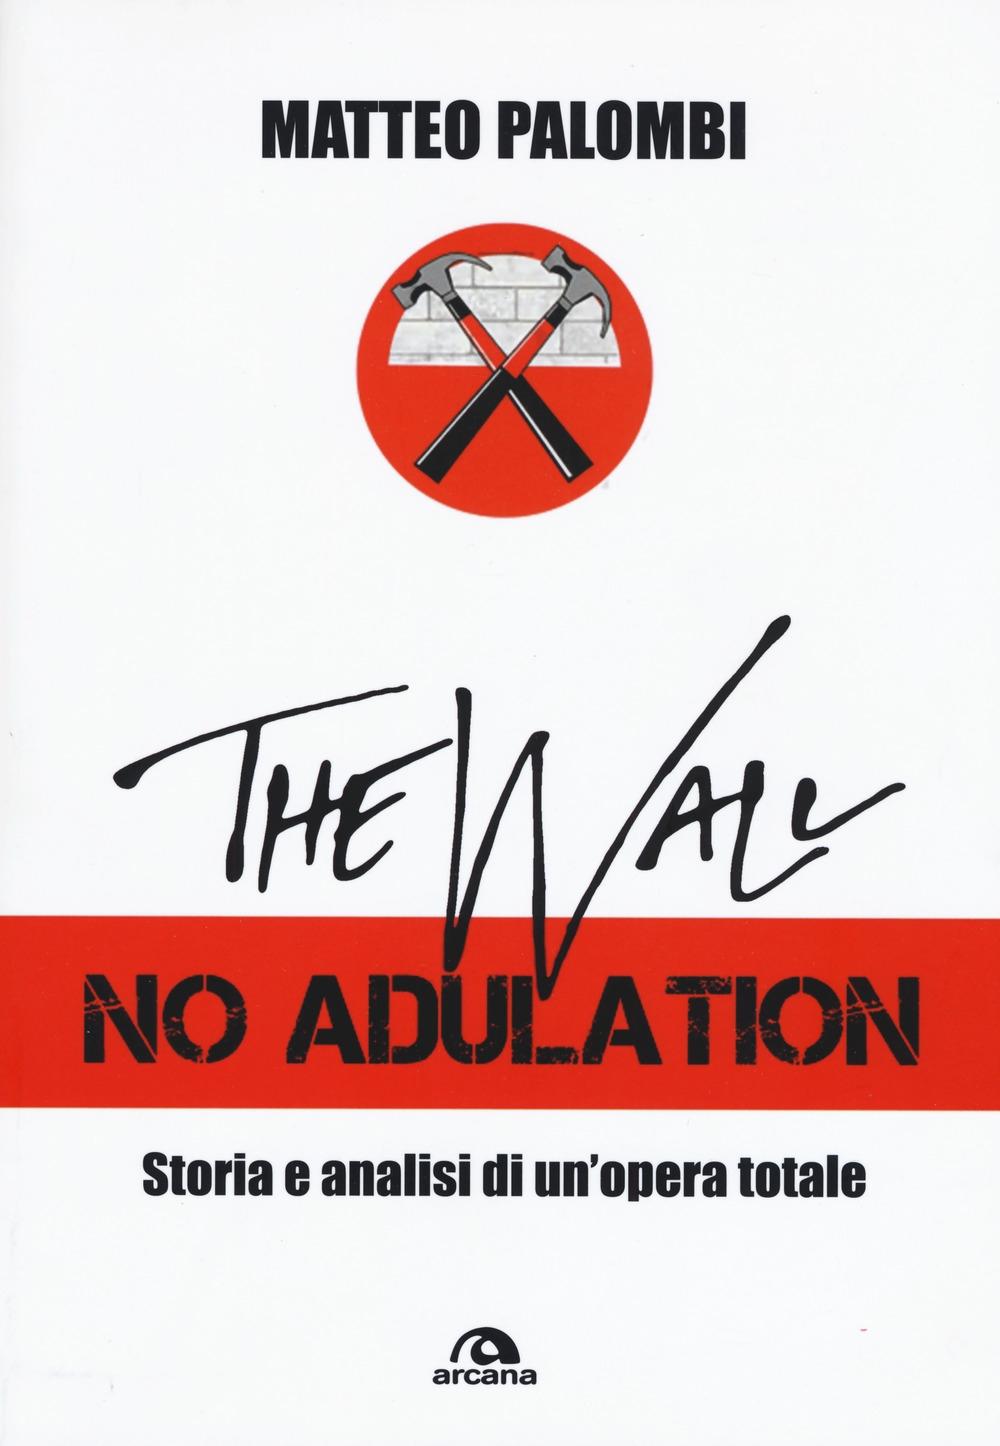 The wall. No adulation. Storia e analisi di un'opera totale